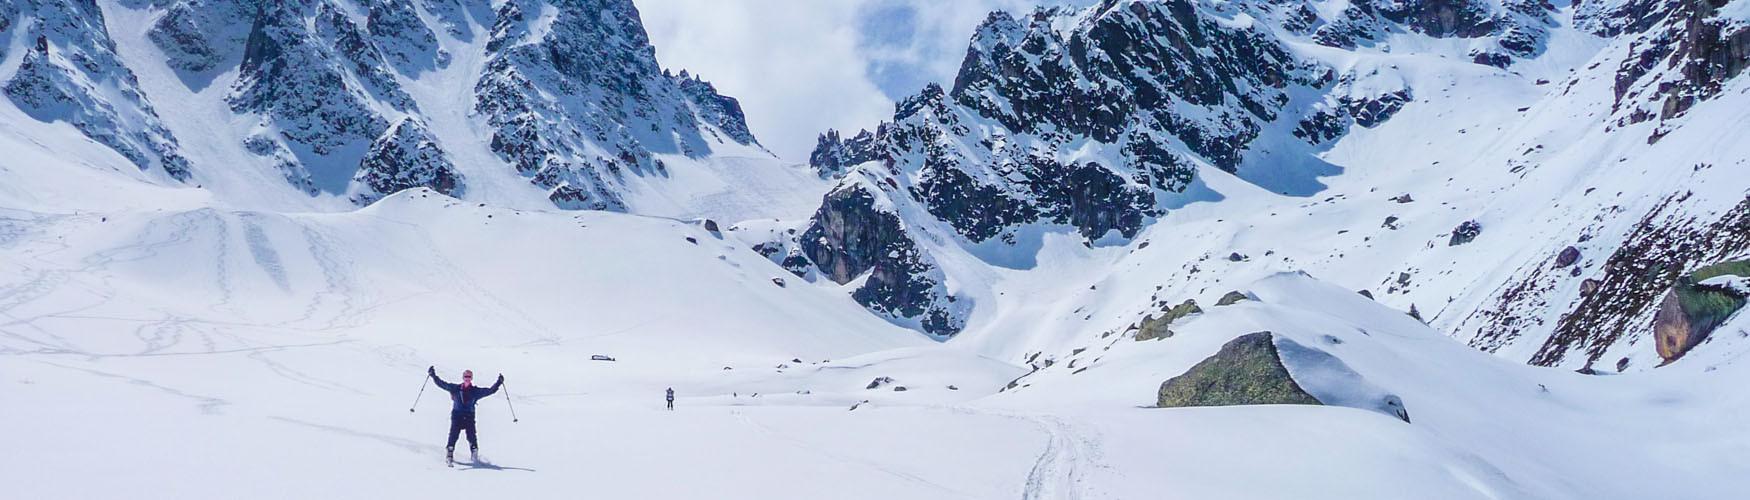 Skiduruchquerung Chamonix Zermatt